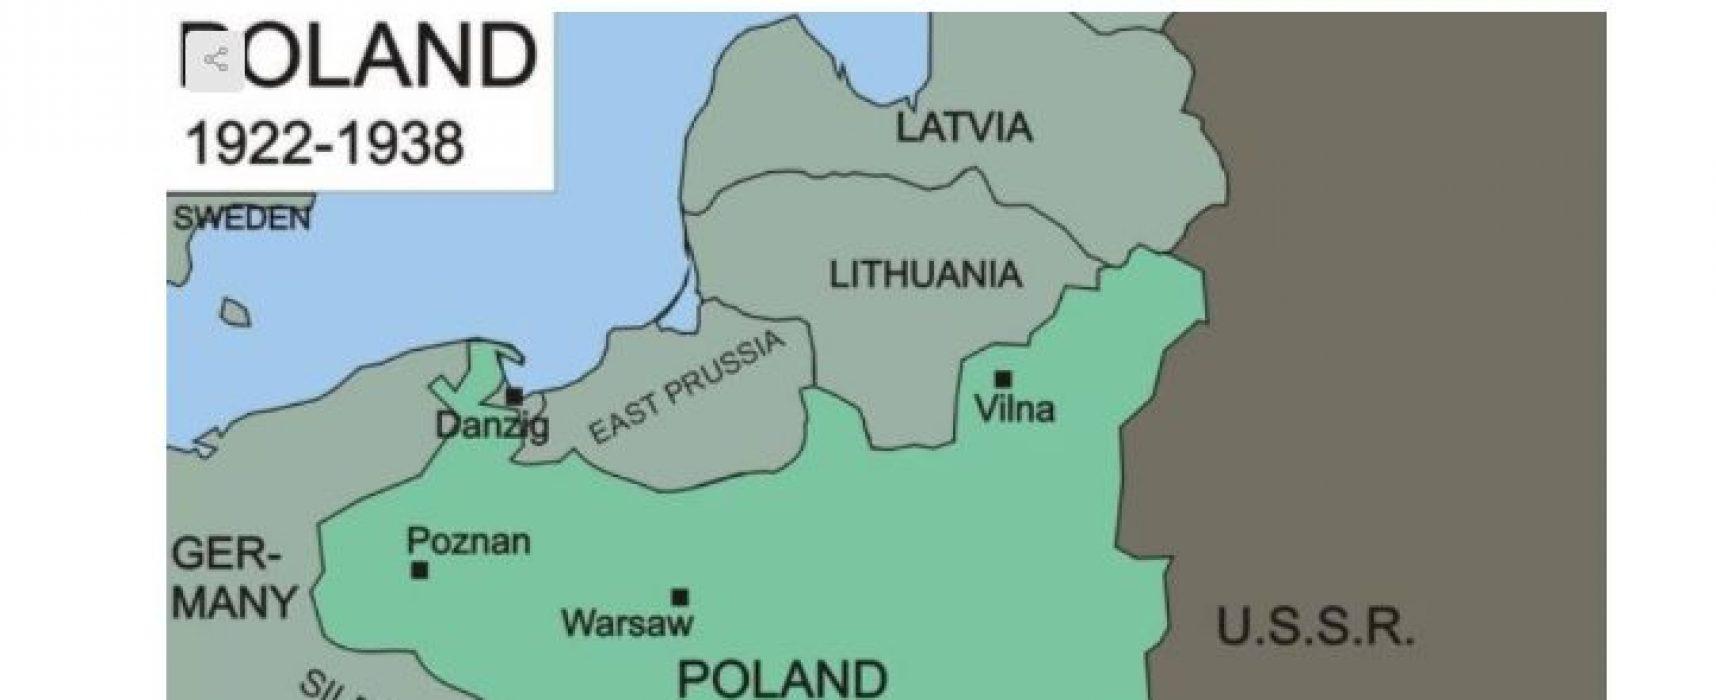 Фейк: Польша использует шанс присоединения Литвы